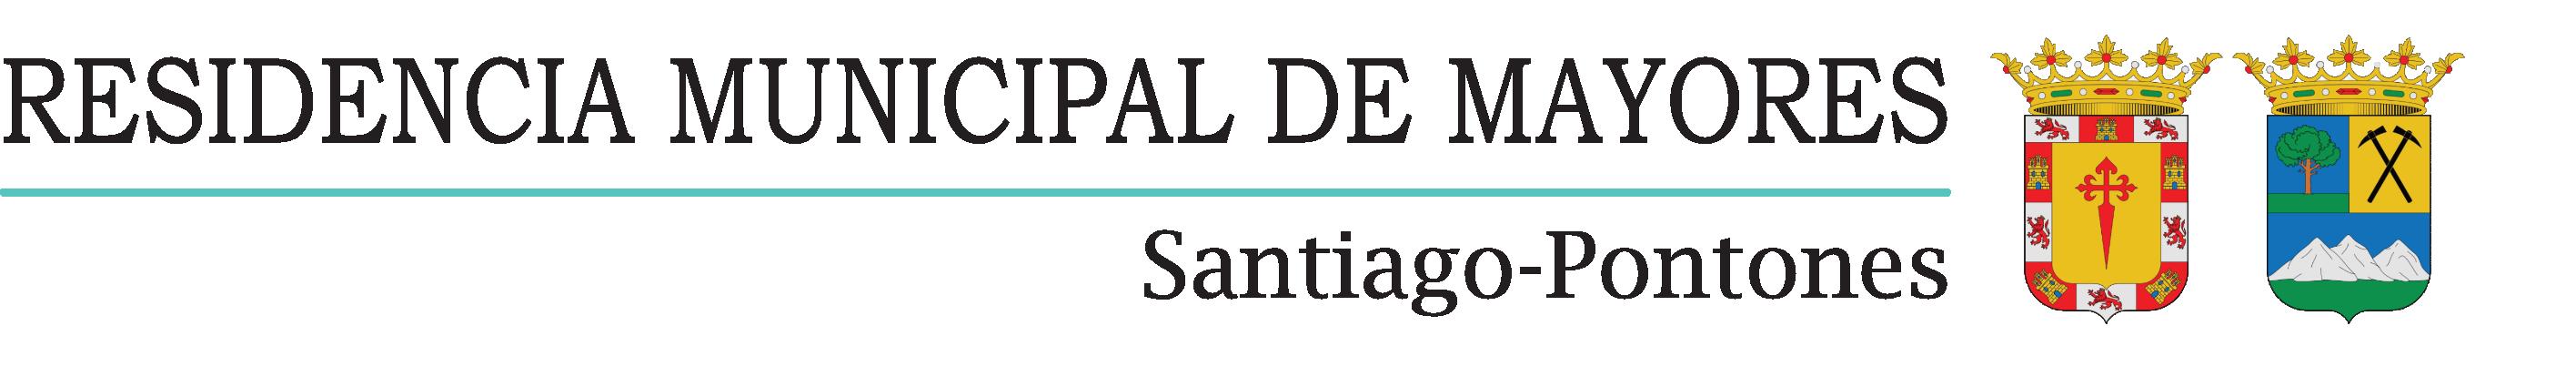 Web de la Residencia Municipal de Personas Mayores del municipio jiennense Santiago-Pontones